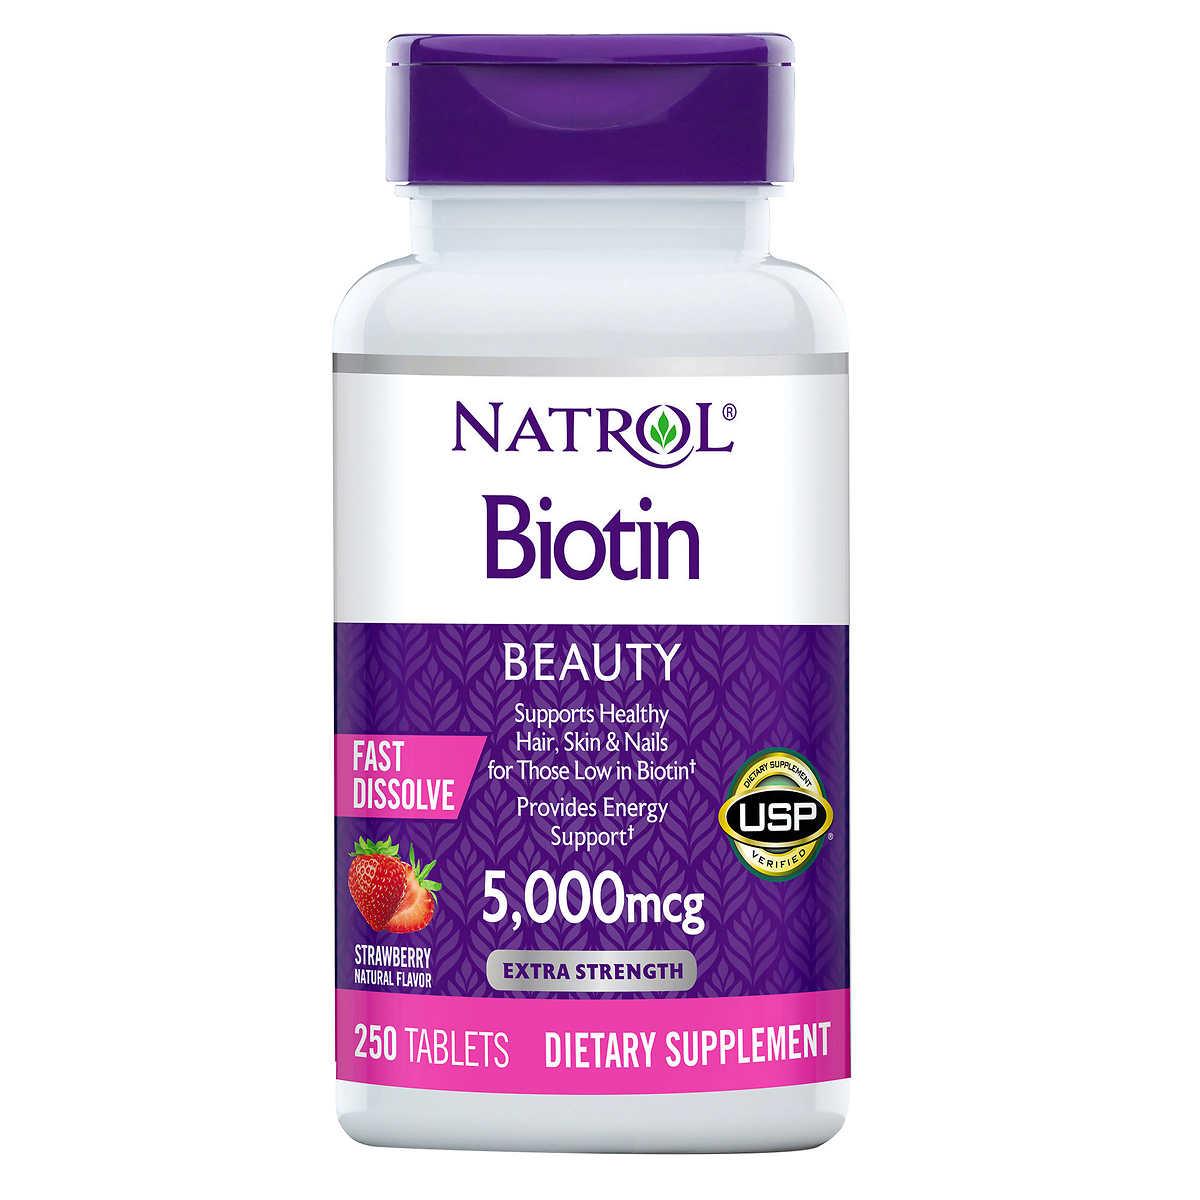 Image result for natrol biotin